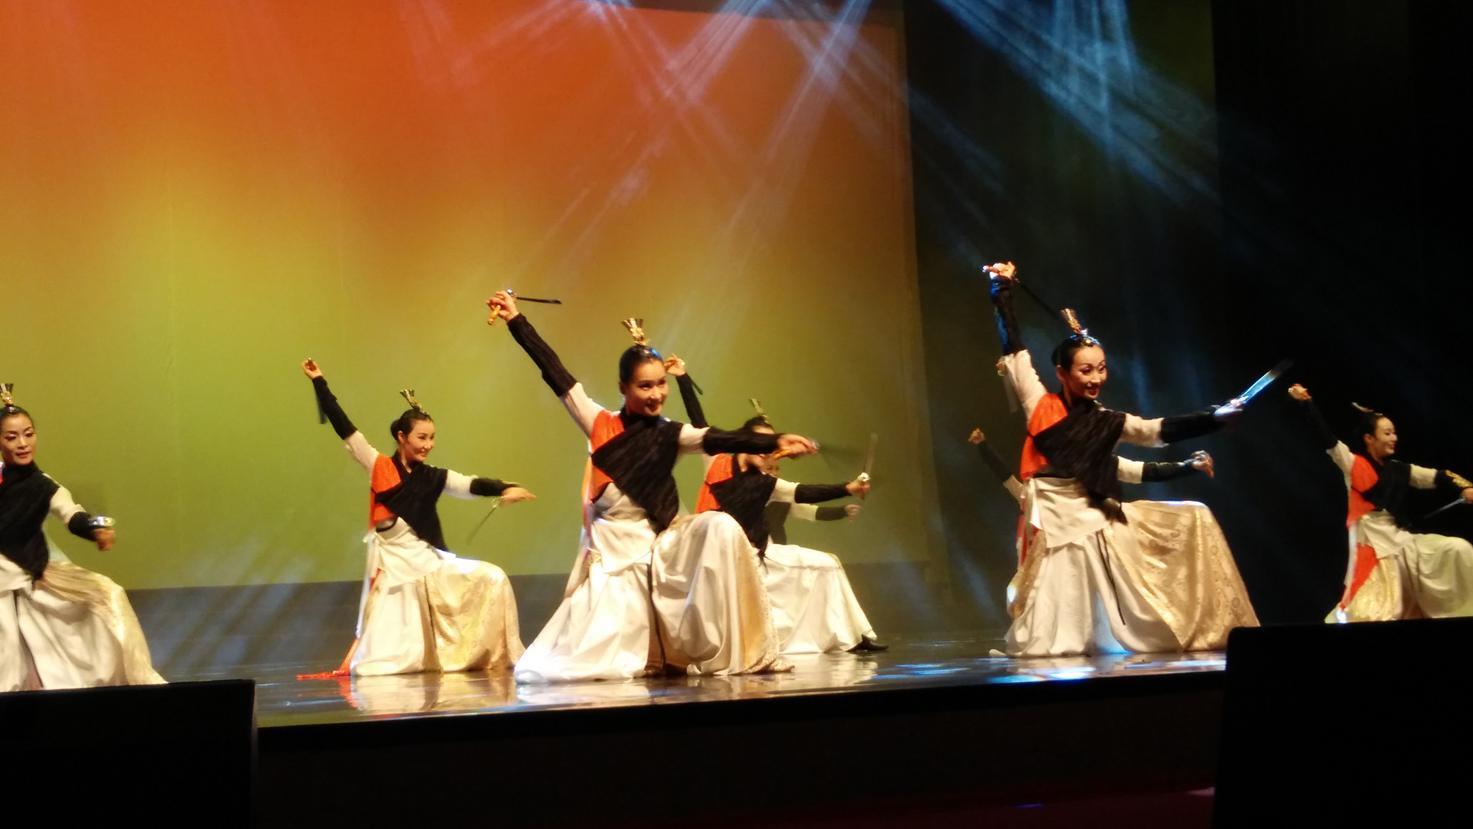 韩国可爱舞蹈背景led高清图